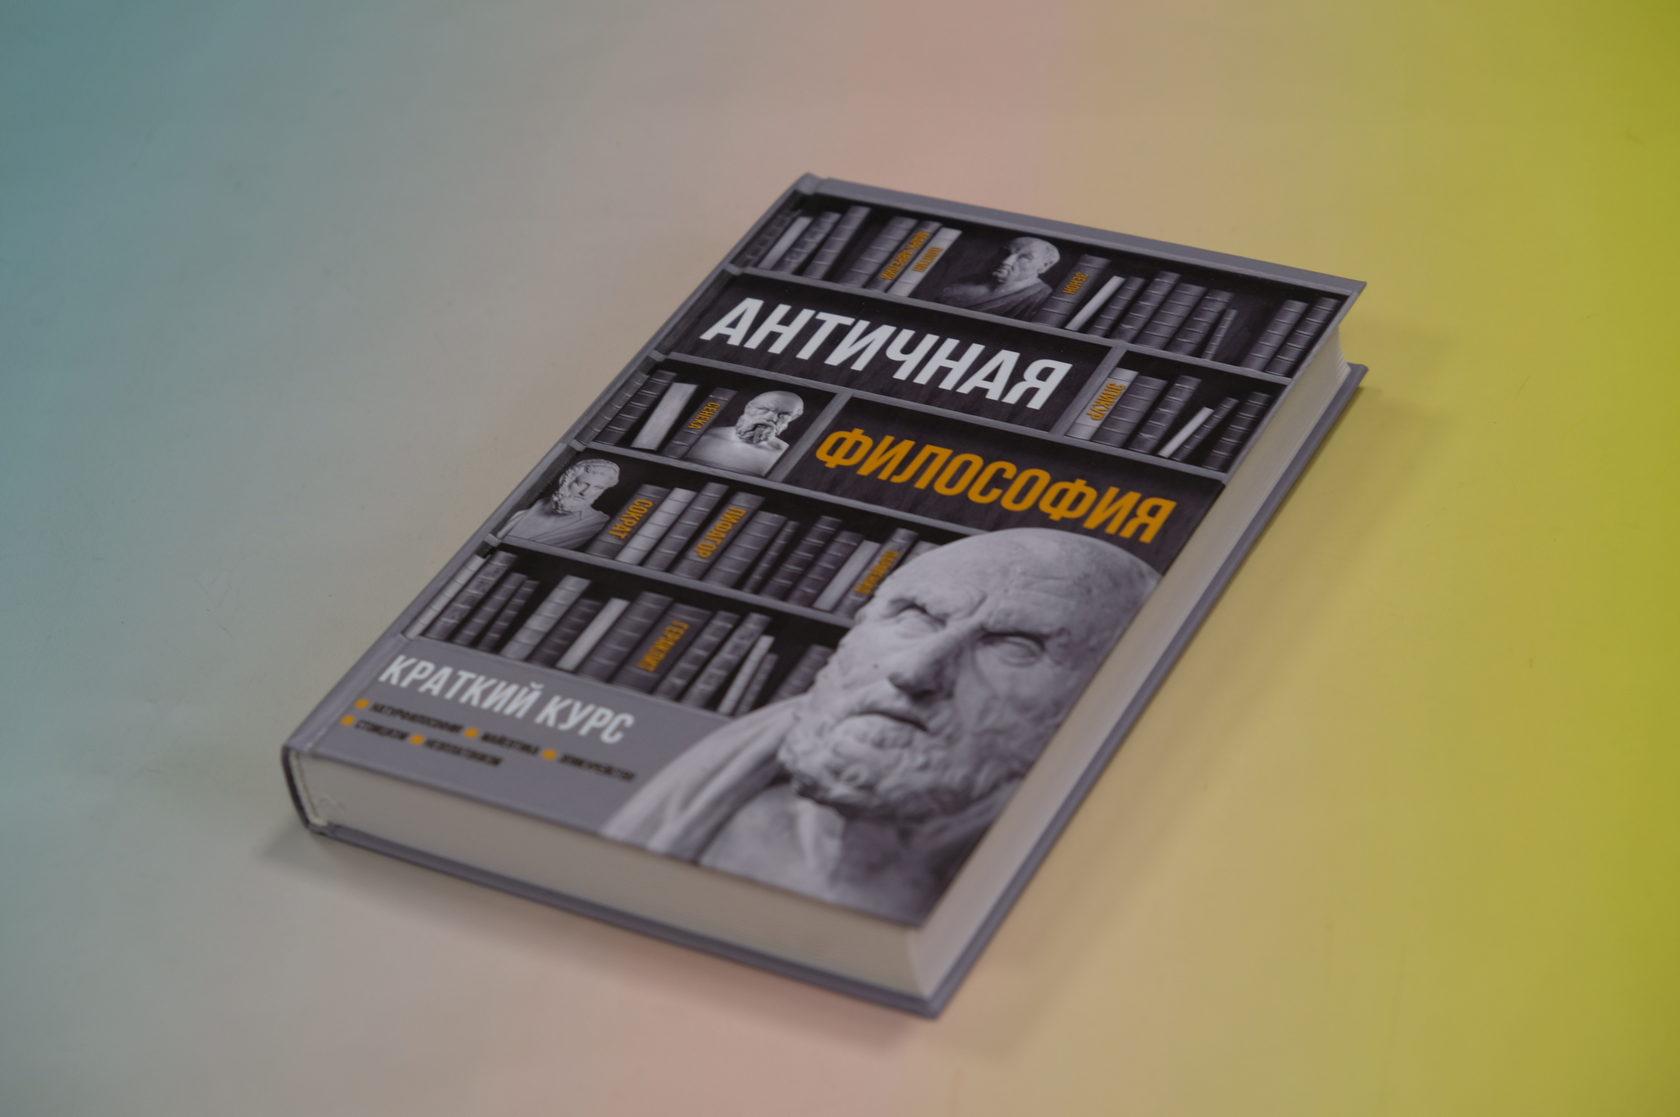 Купить книгу Елена Пронина «Античная философия. Краткий курс» 978-5-17-111667-5